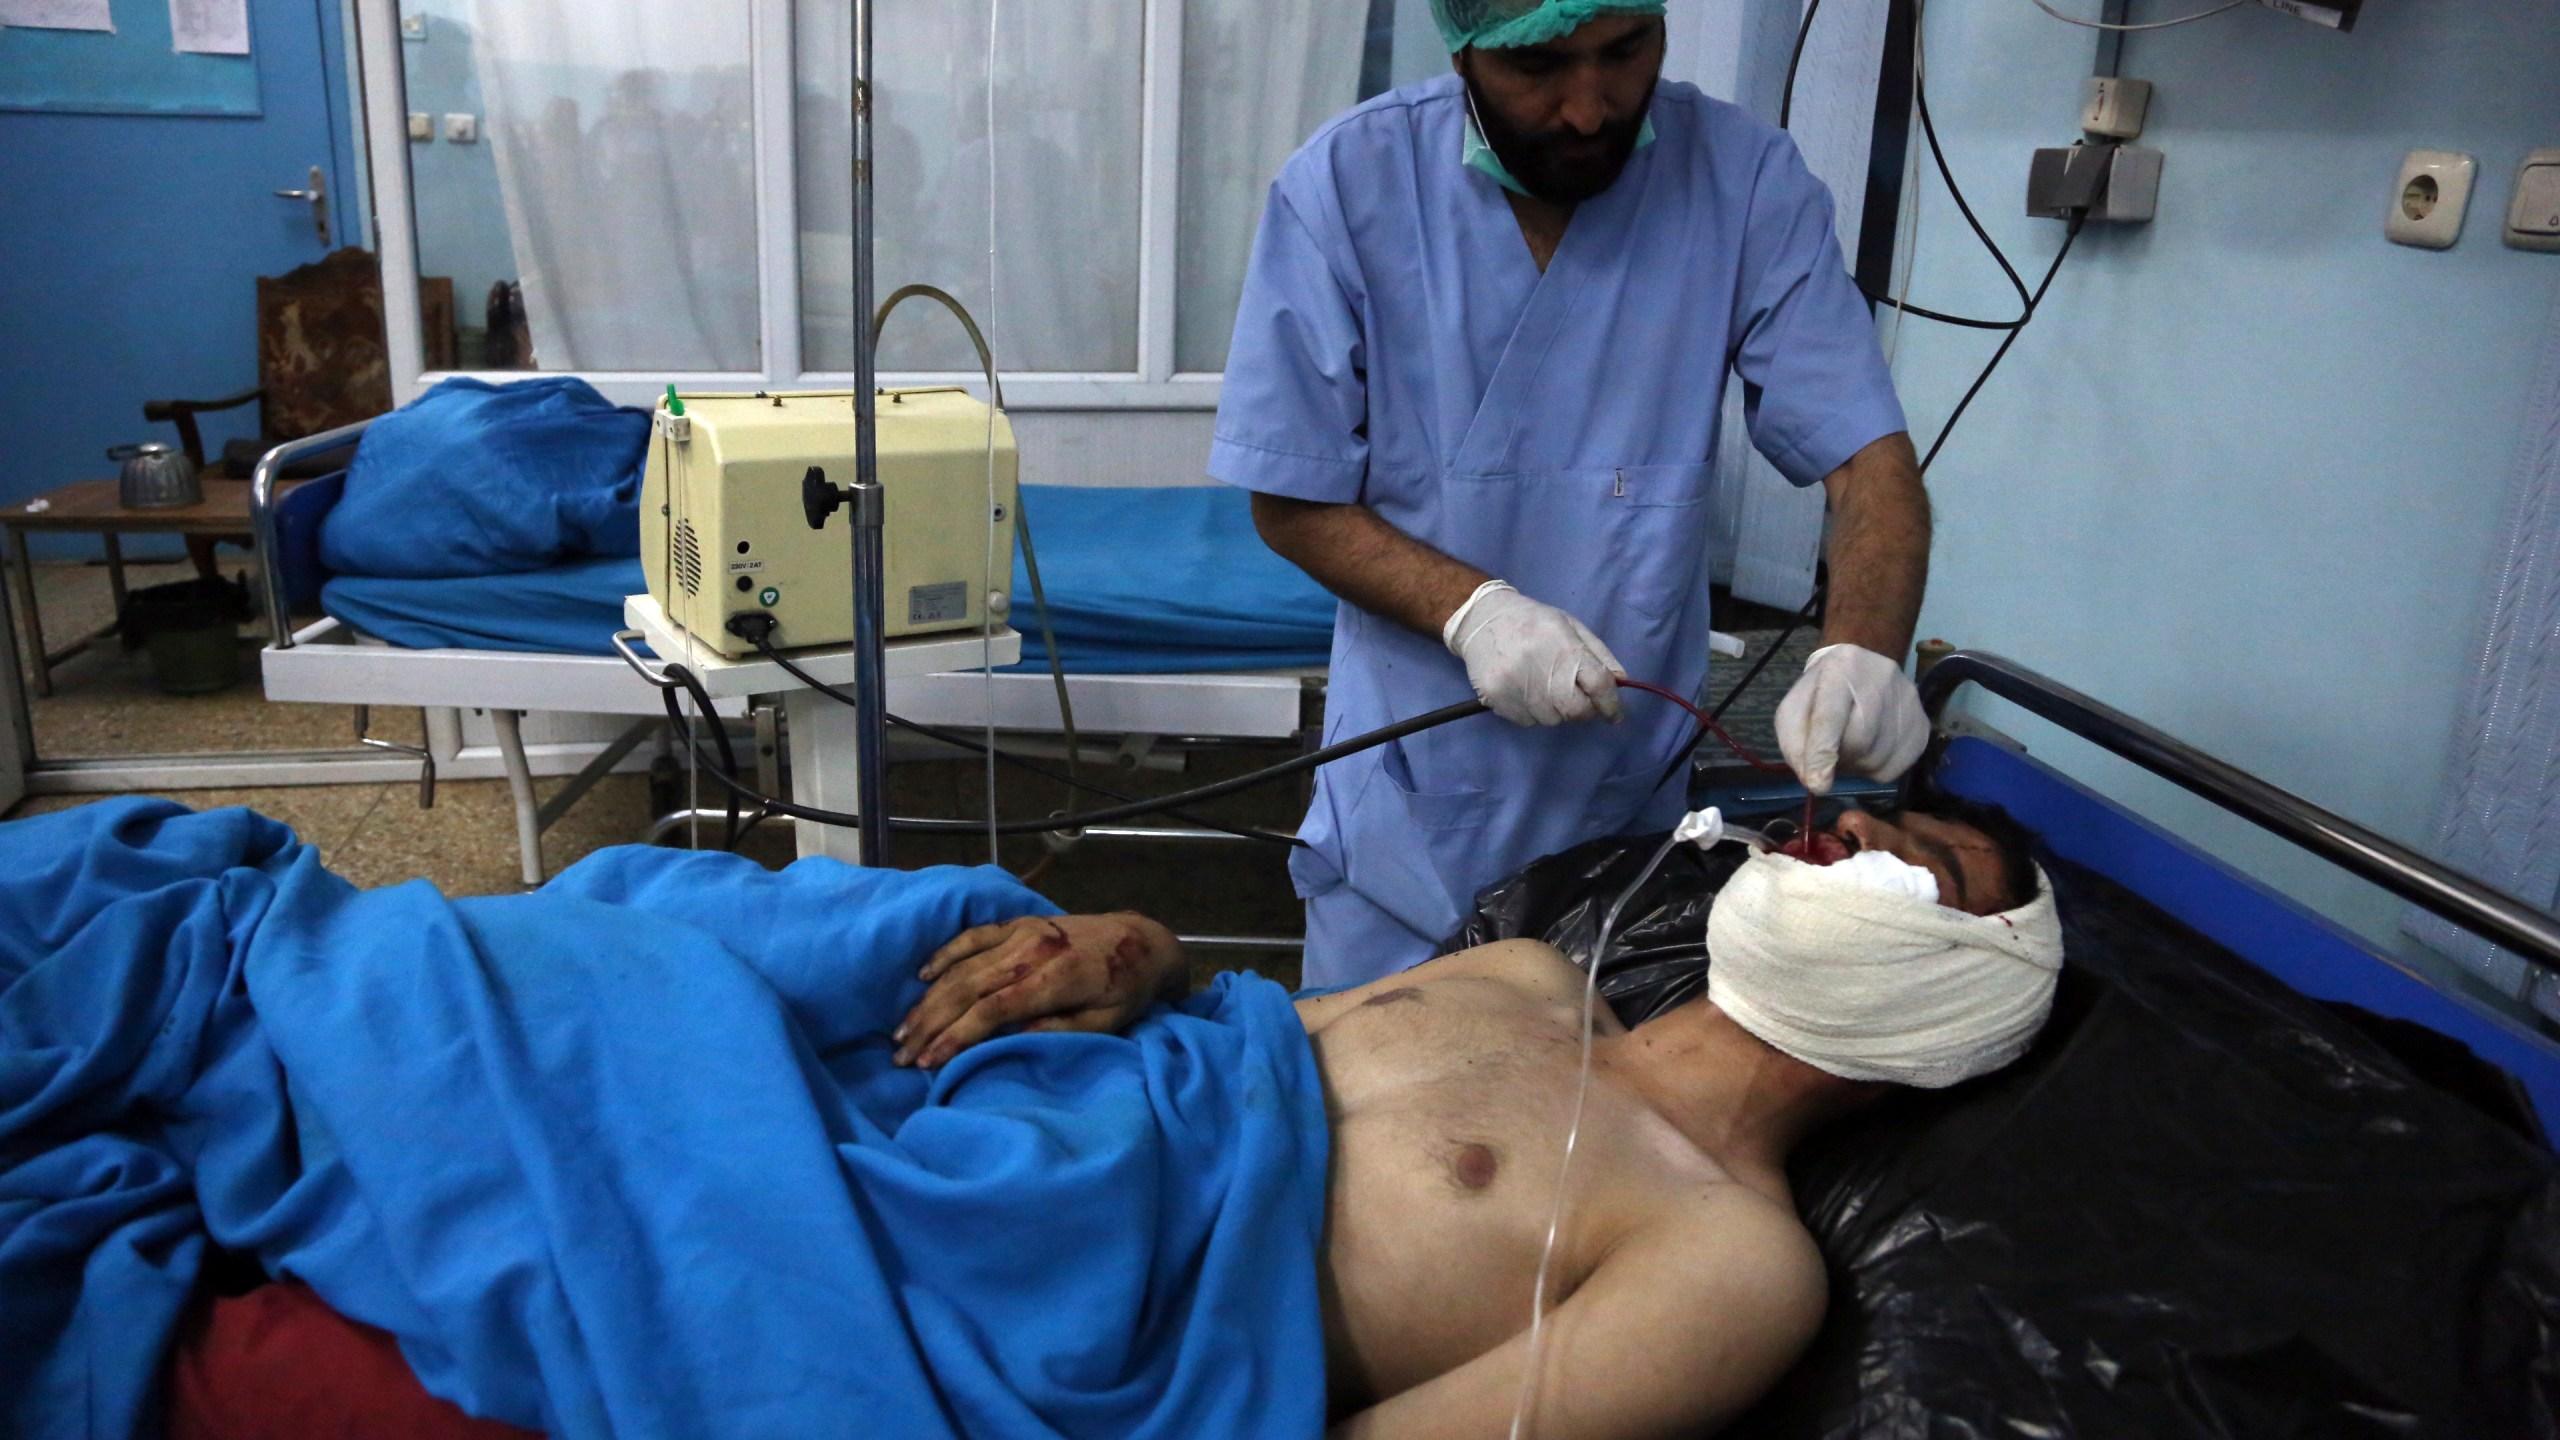 Afghanistan_49820-159532.jpg67093924